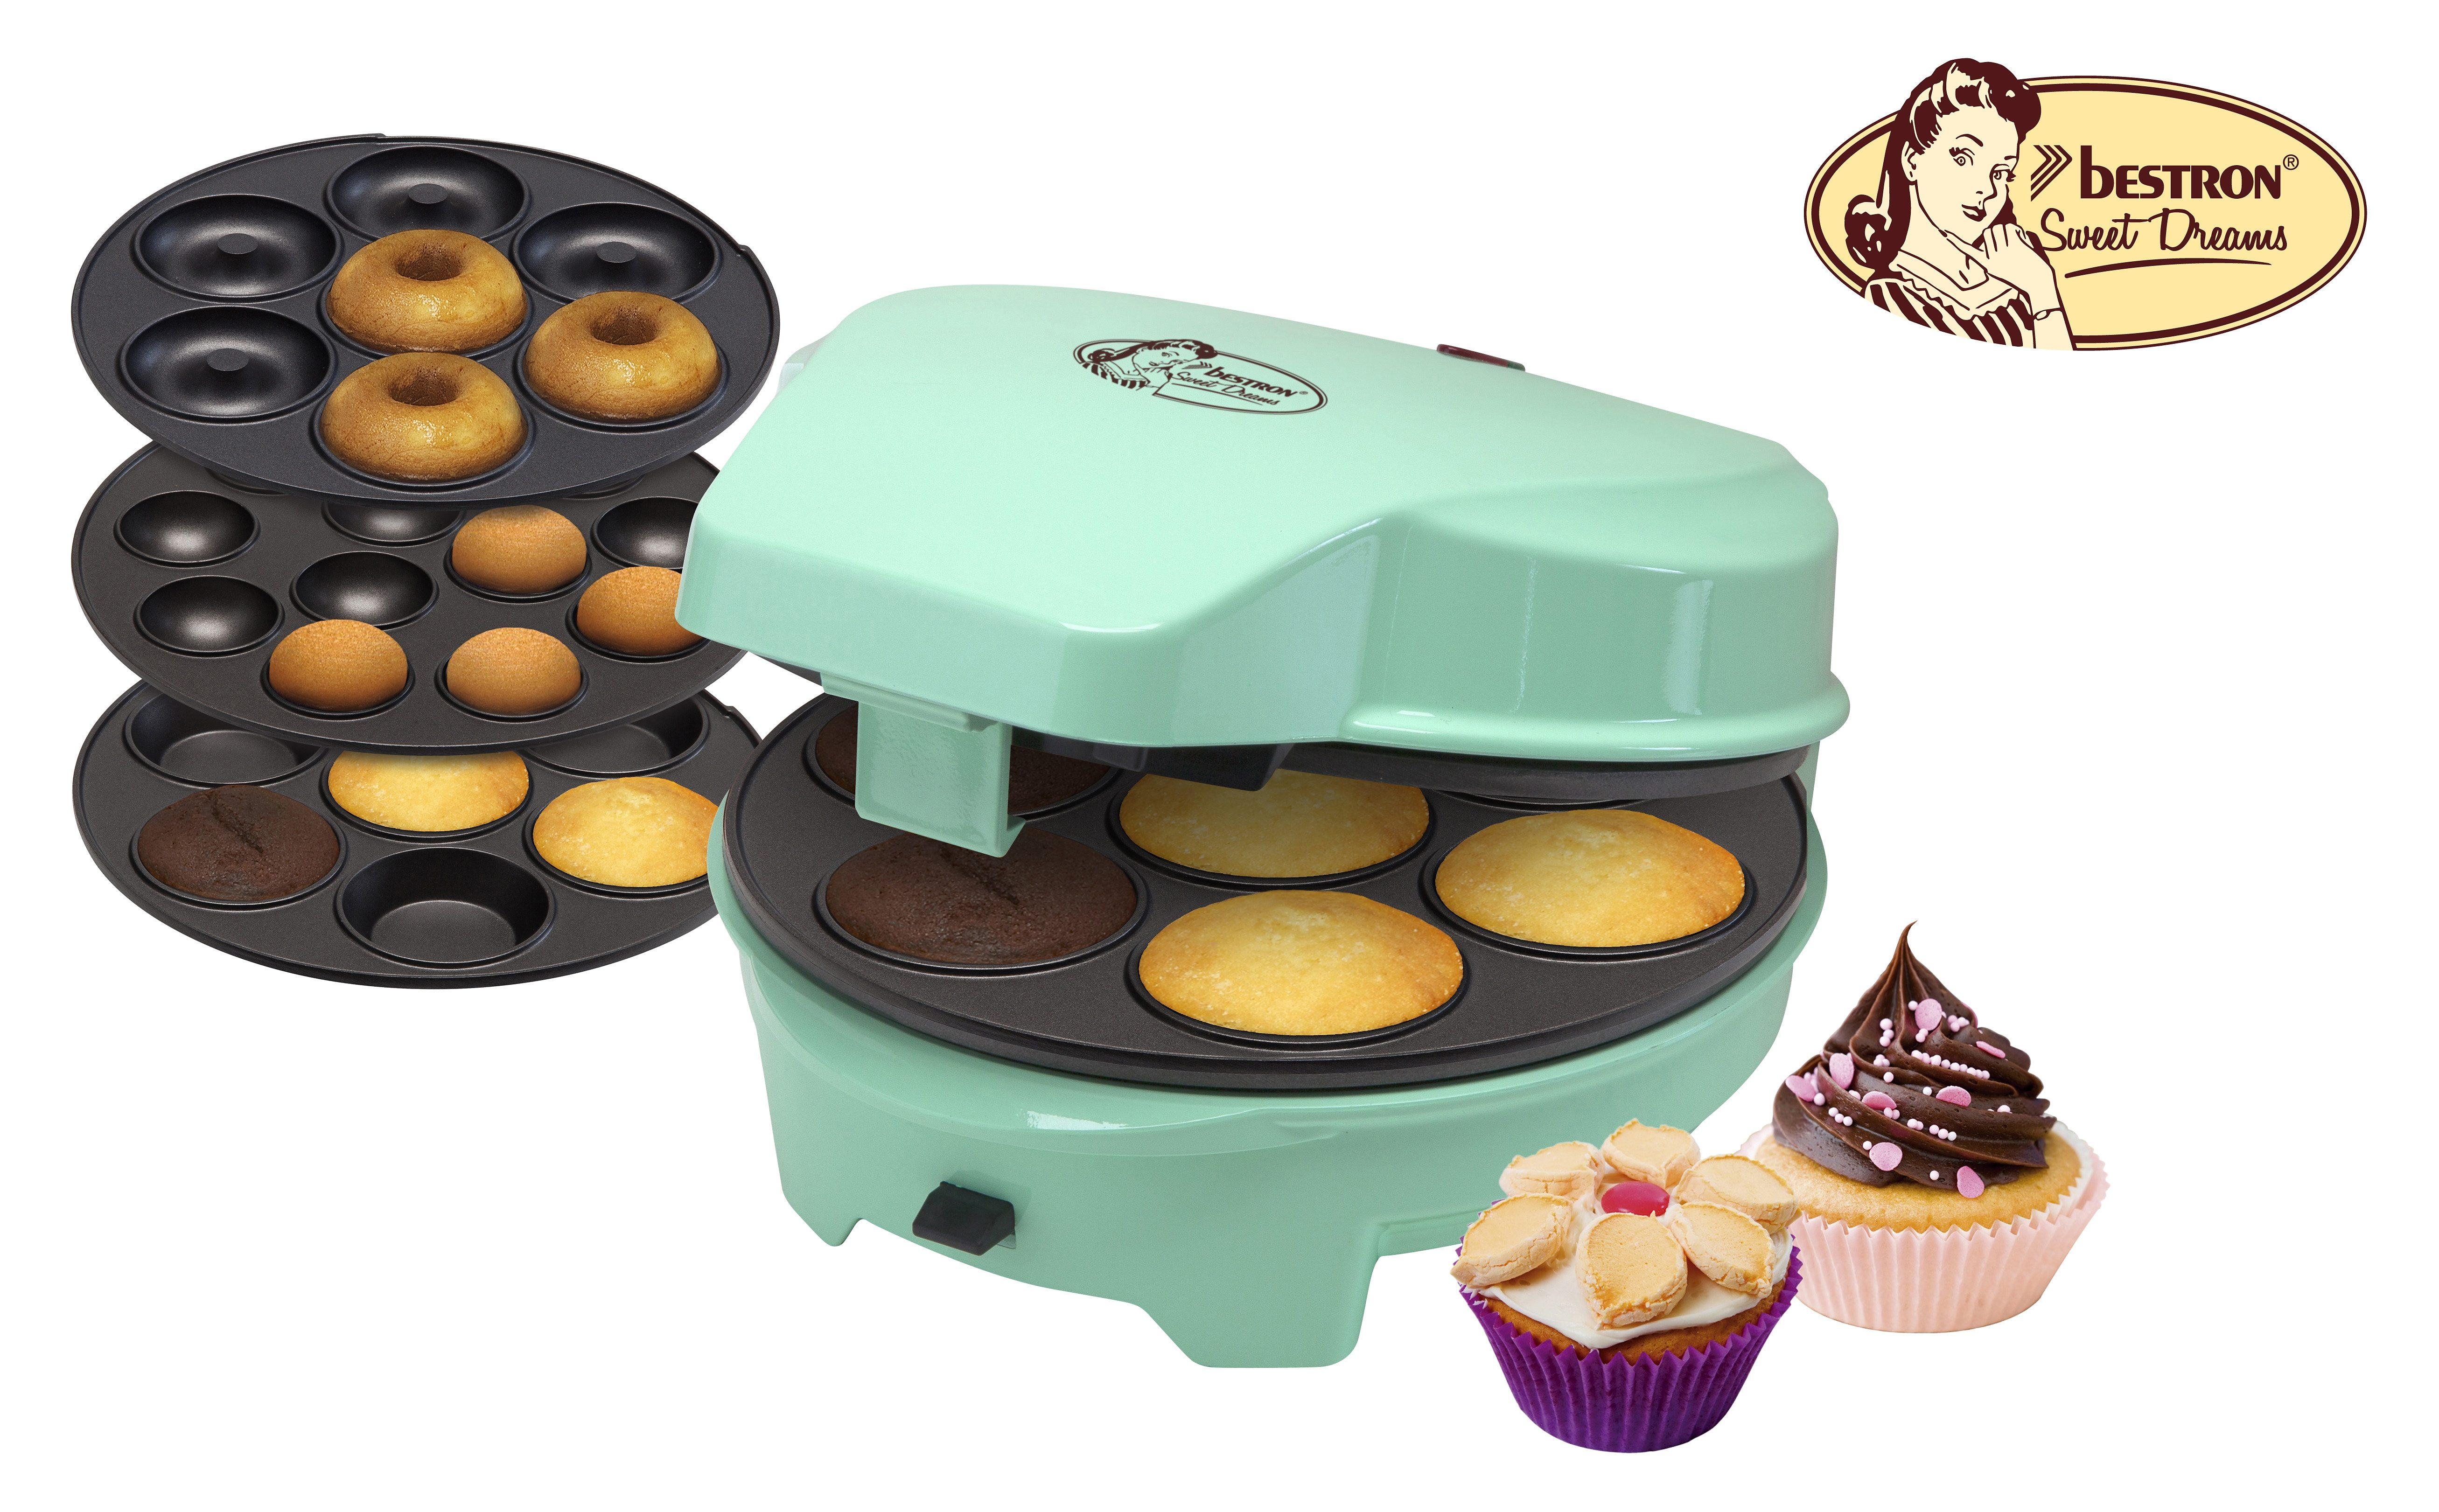 bestron Cakepop-Maker ASW238, 700 W, Donuts-, Muffin- und Cakepops-Maker in einem Gerät